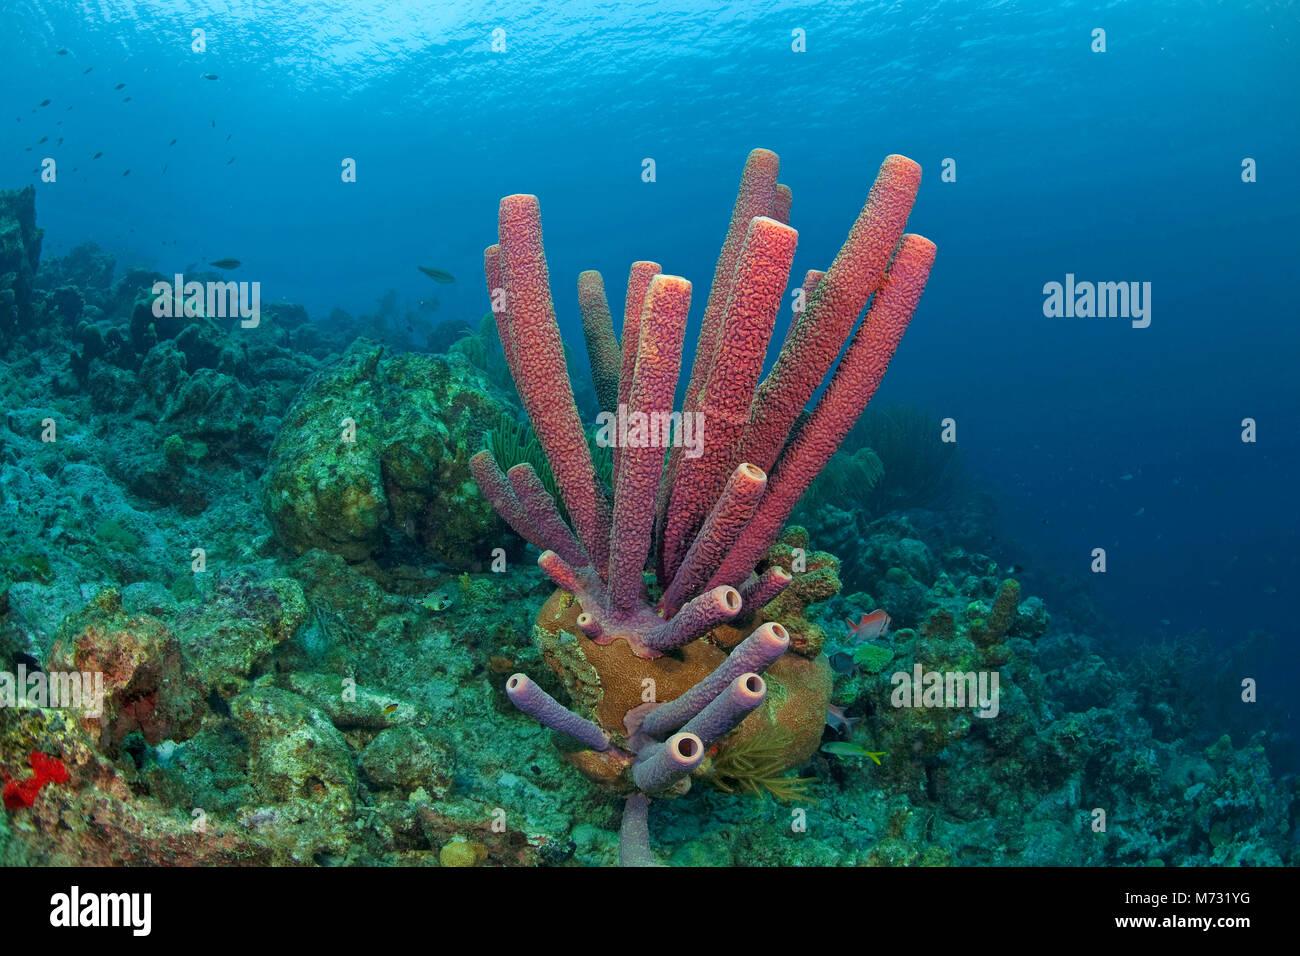 Cuisinière-éponge Aplysina archeri (tuyau) dans un récif de corail des caraïbes, Curacao, Antilles, Caraïbes, mer des Caraïbes Banque D'Images